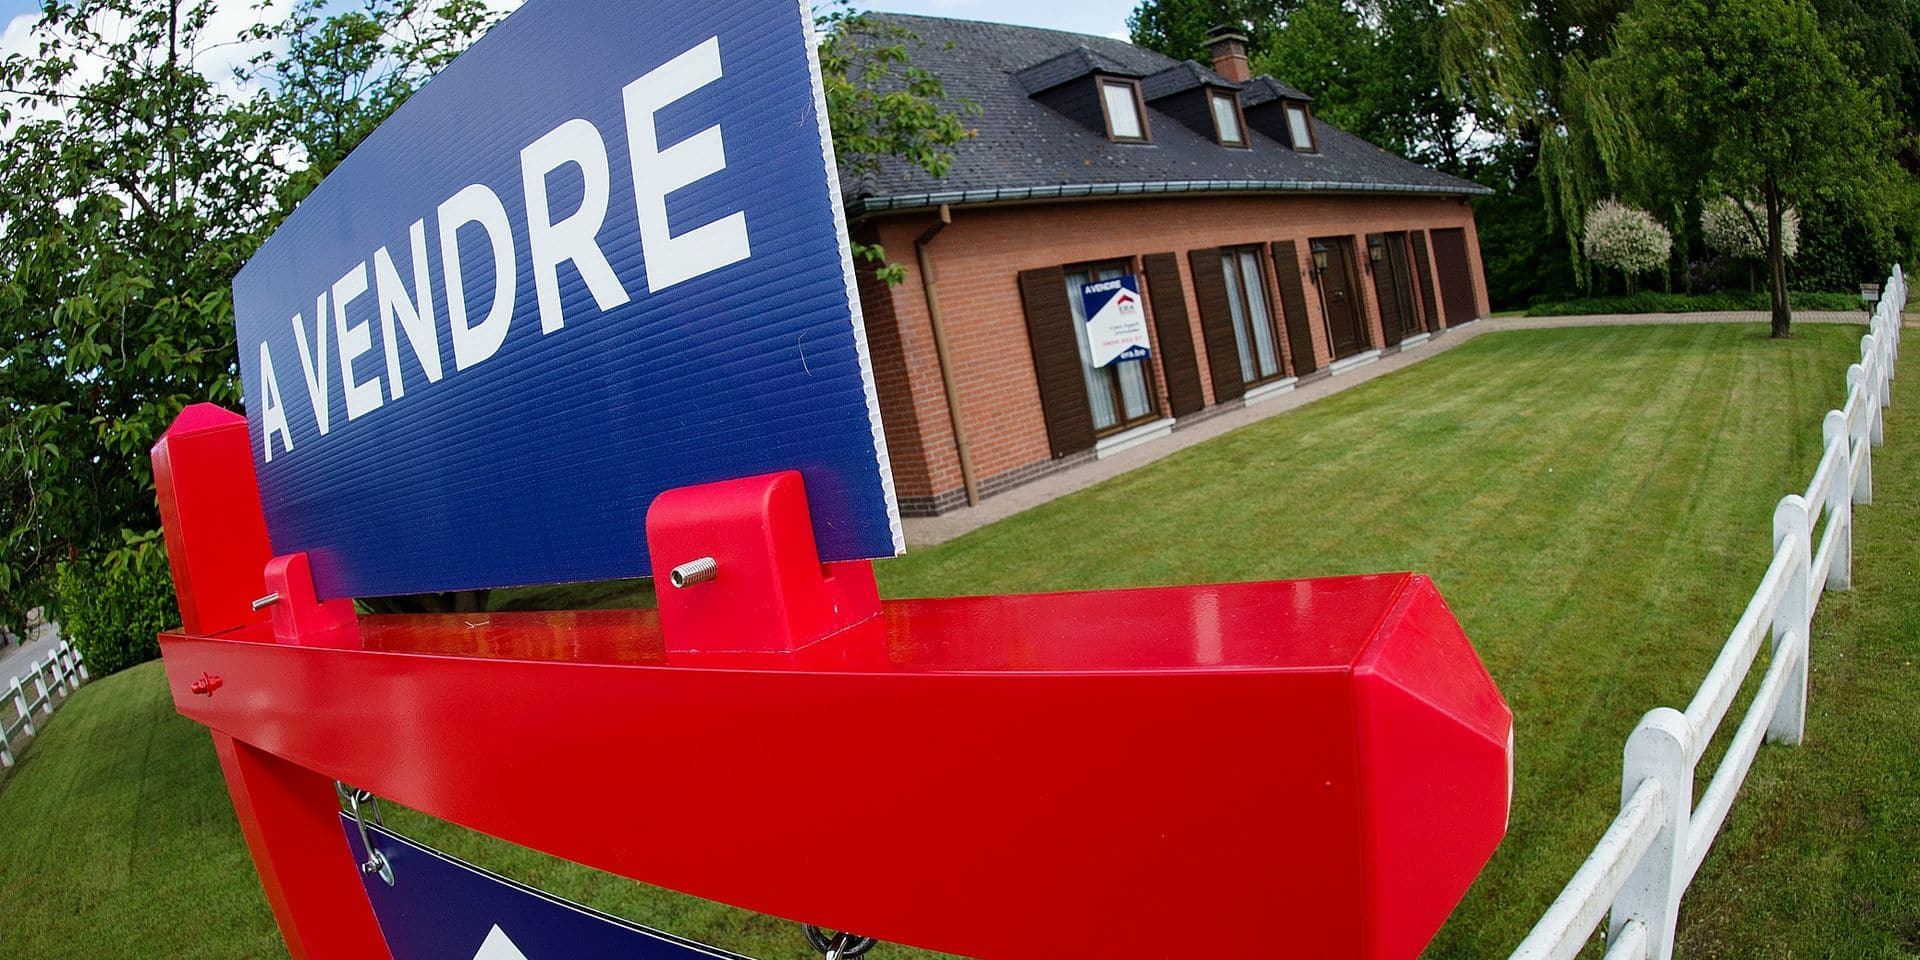 Immobilier: vendre à un prix plus élevé que celui annoncé, est-ce légal ?